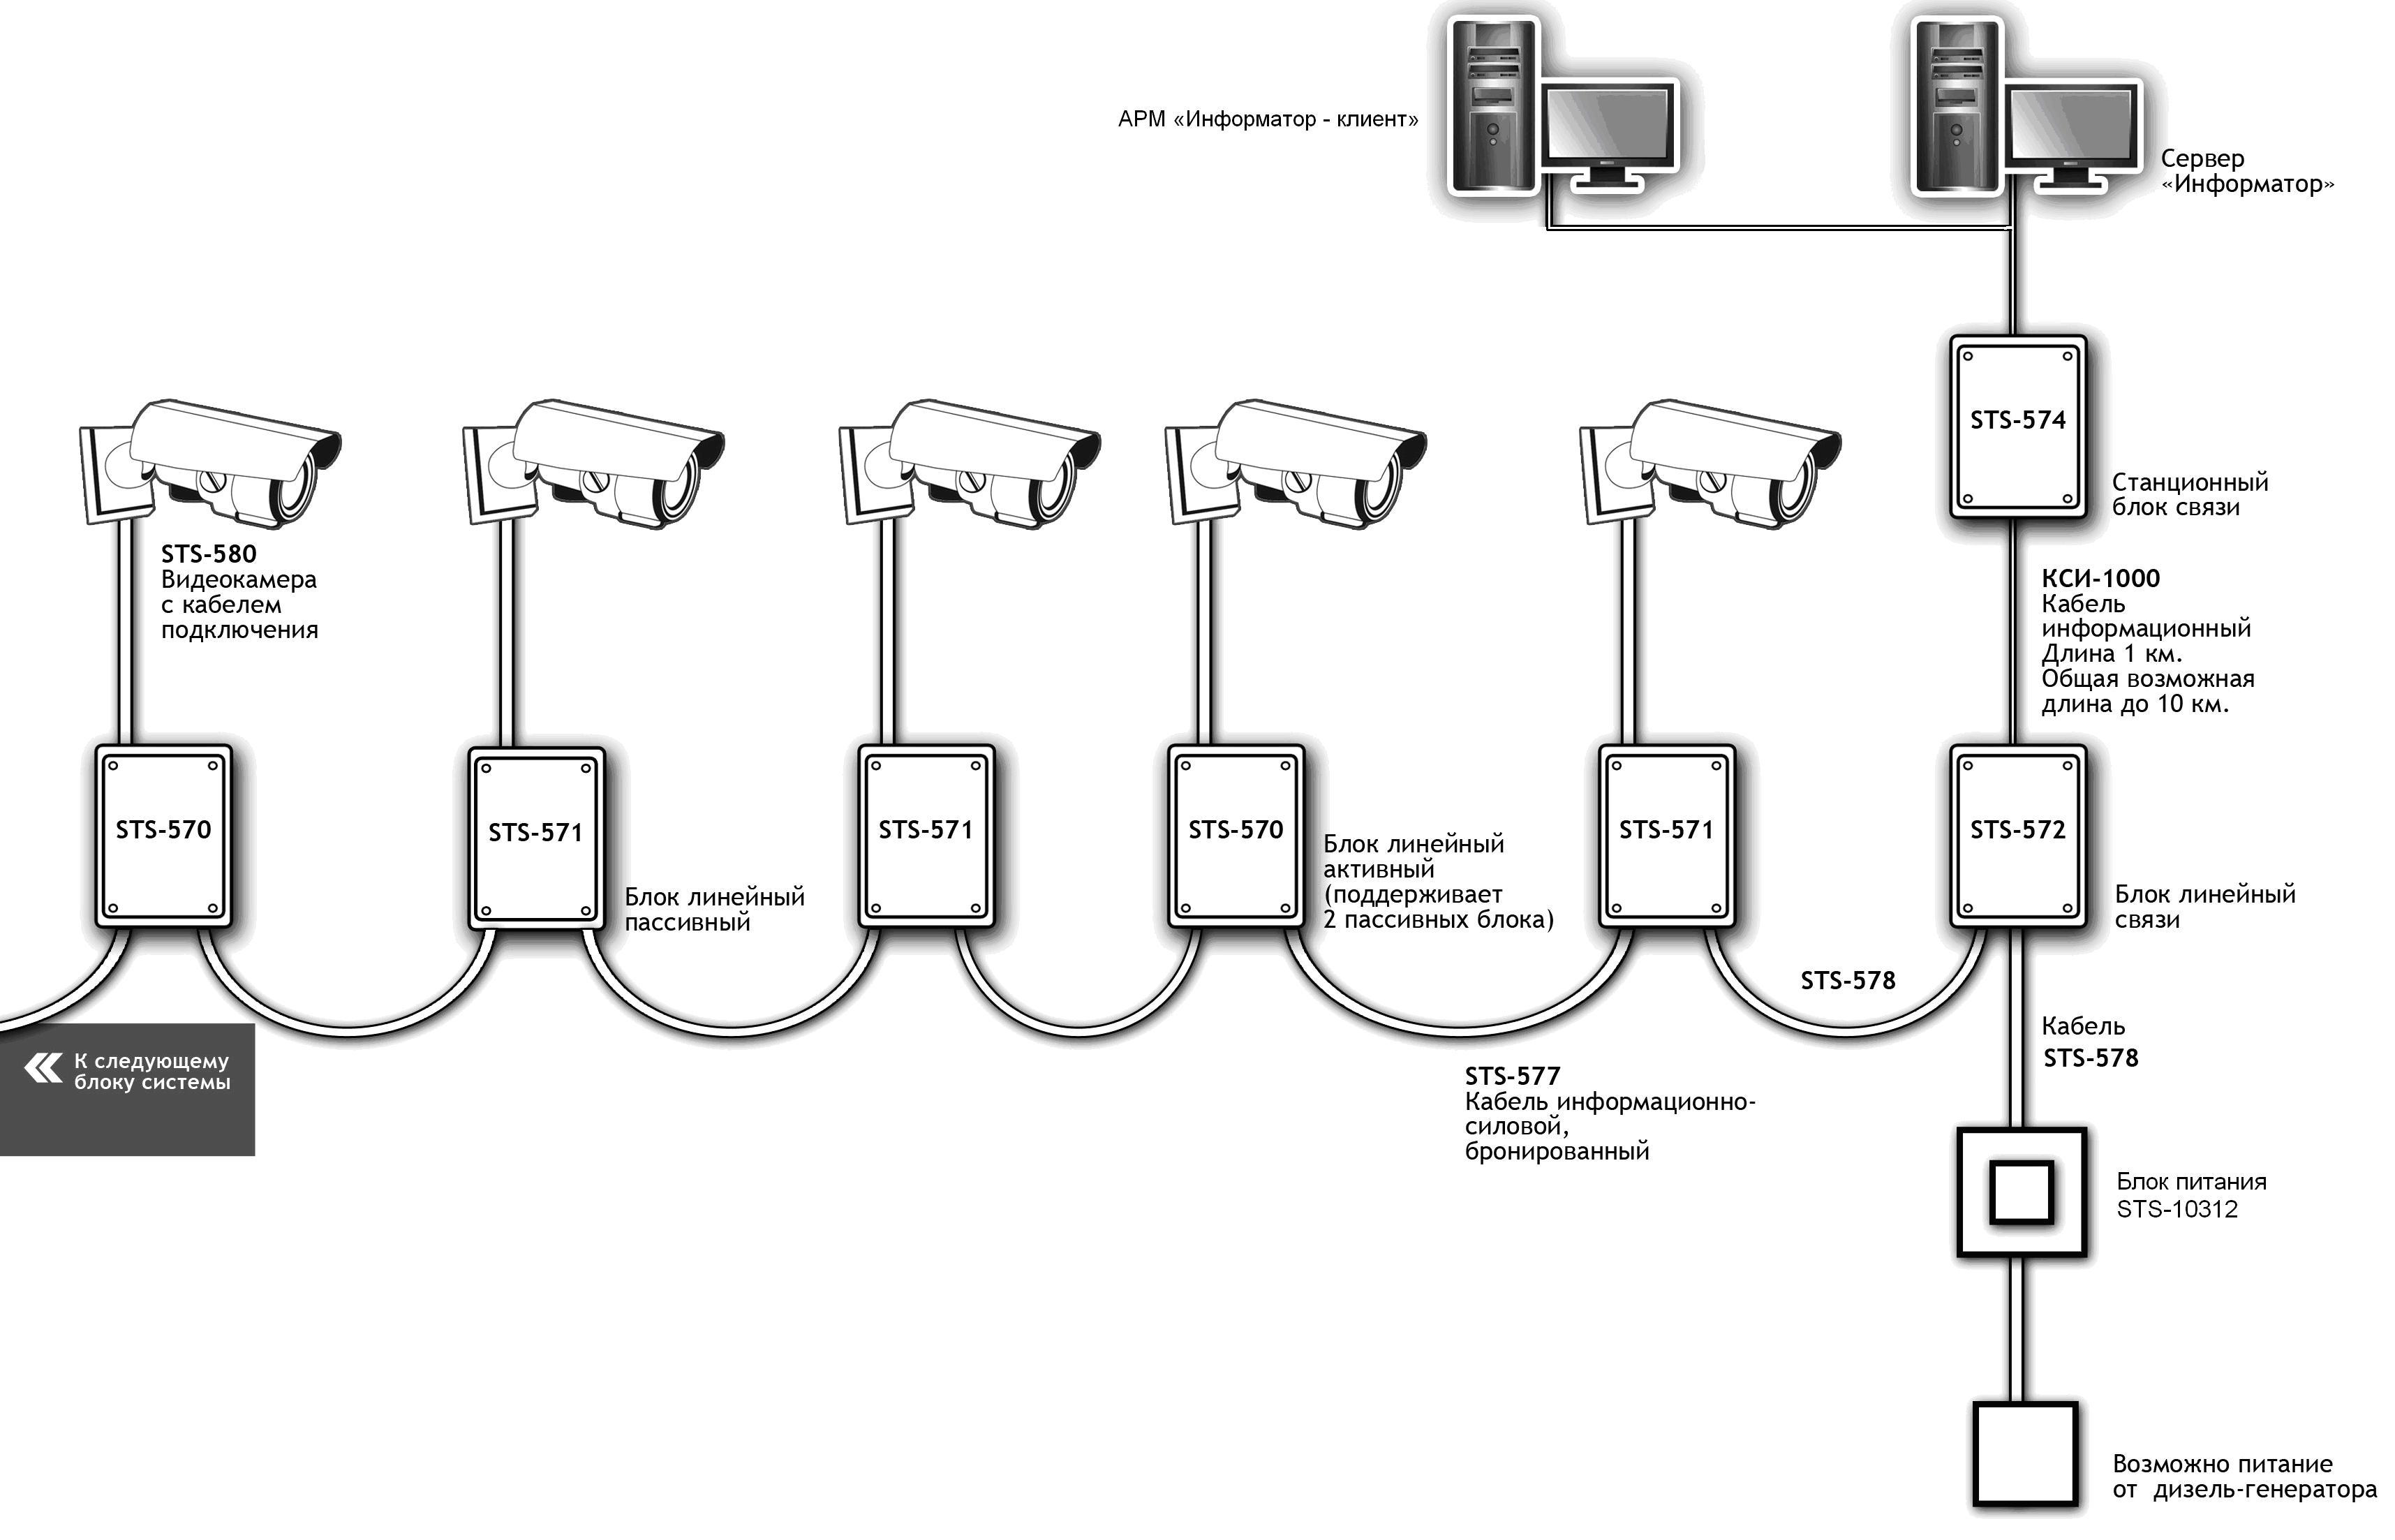 организация видеонаблюдения длинных участков охраняемой территории в реальном масштабе времени с использованием...